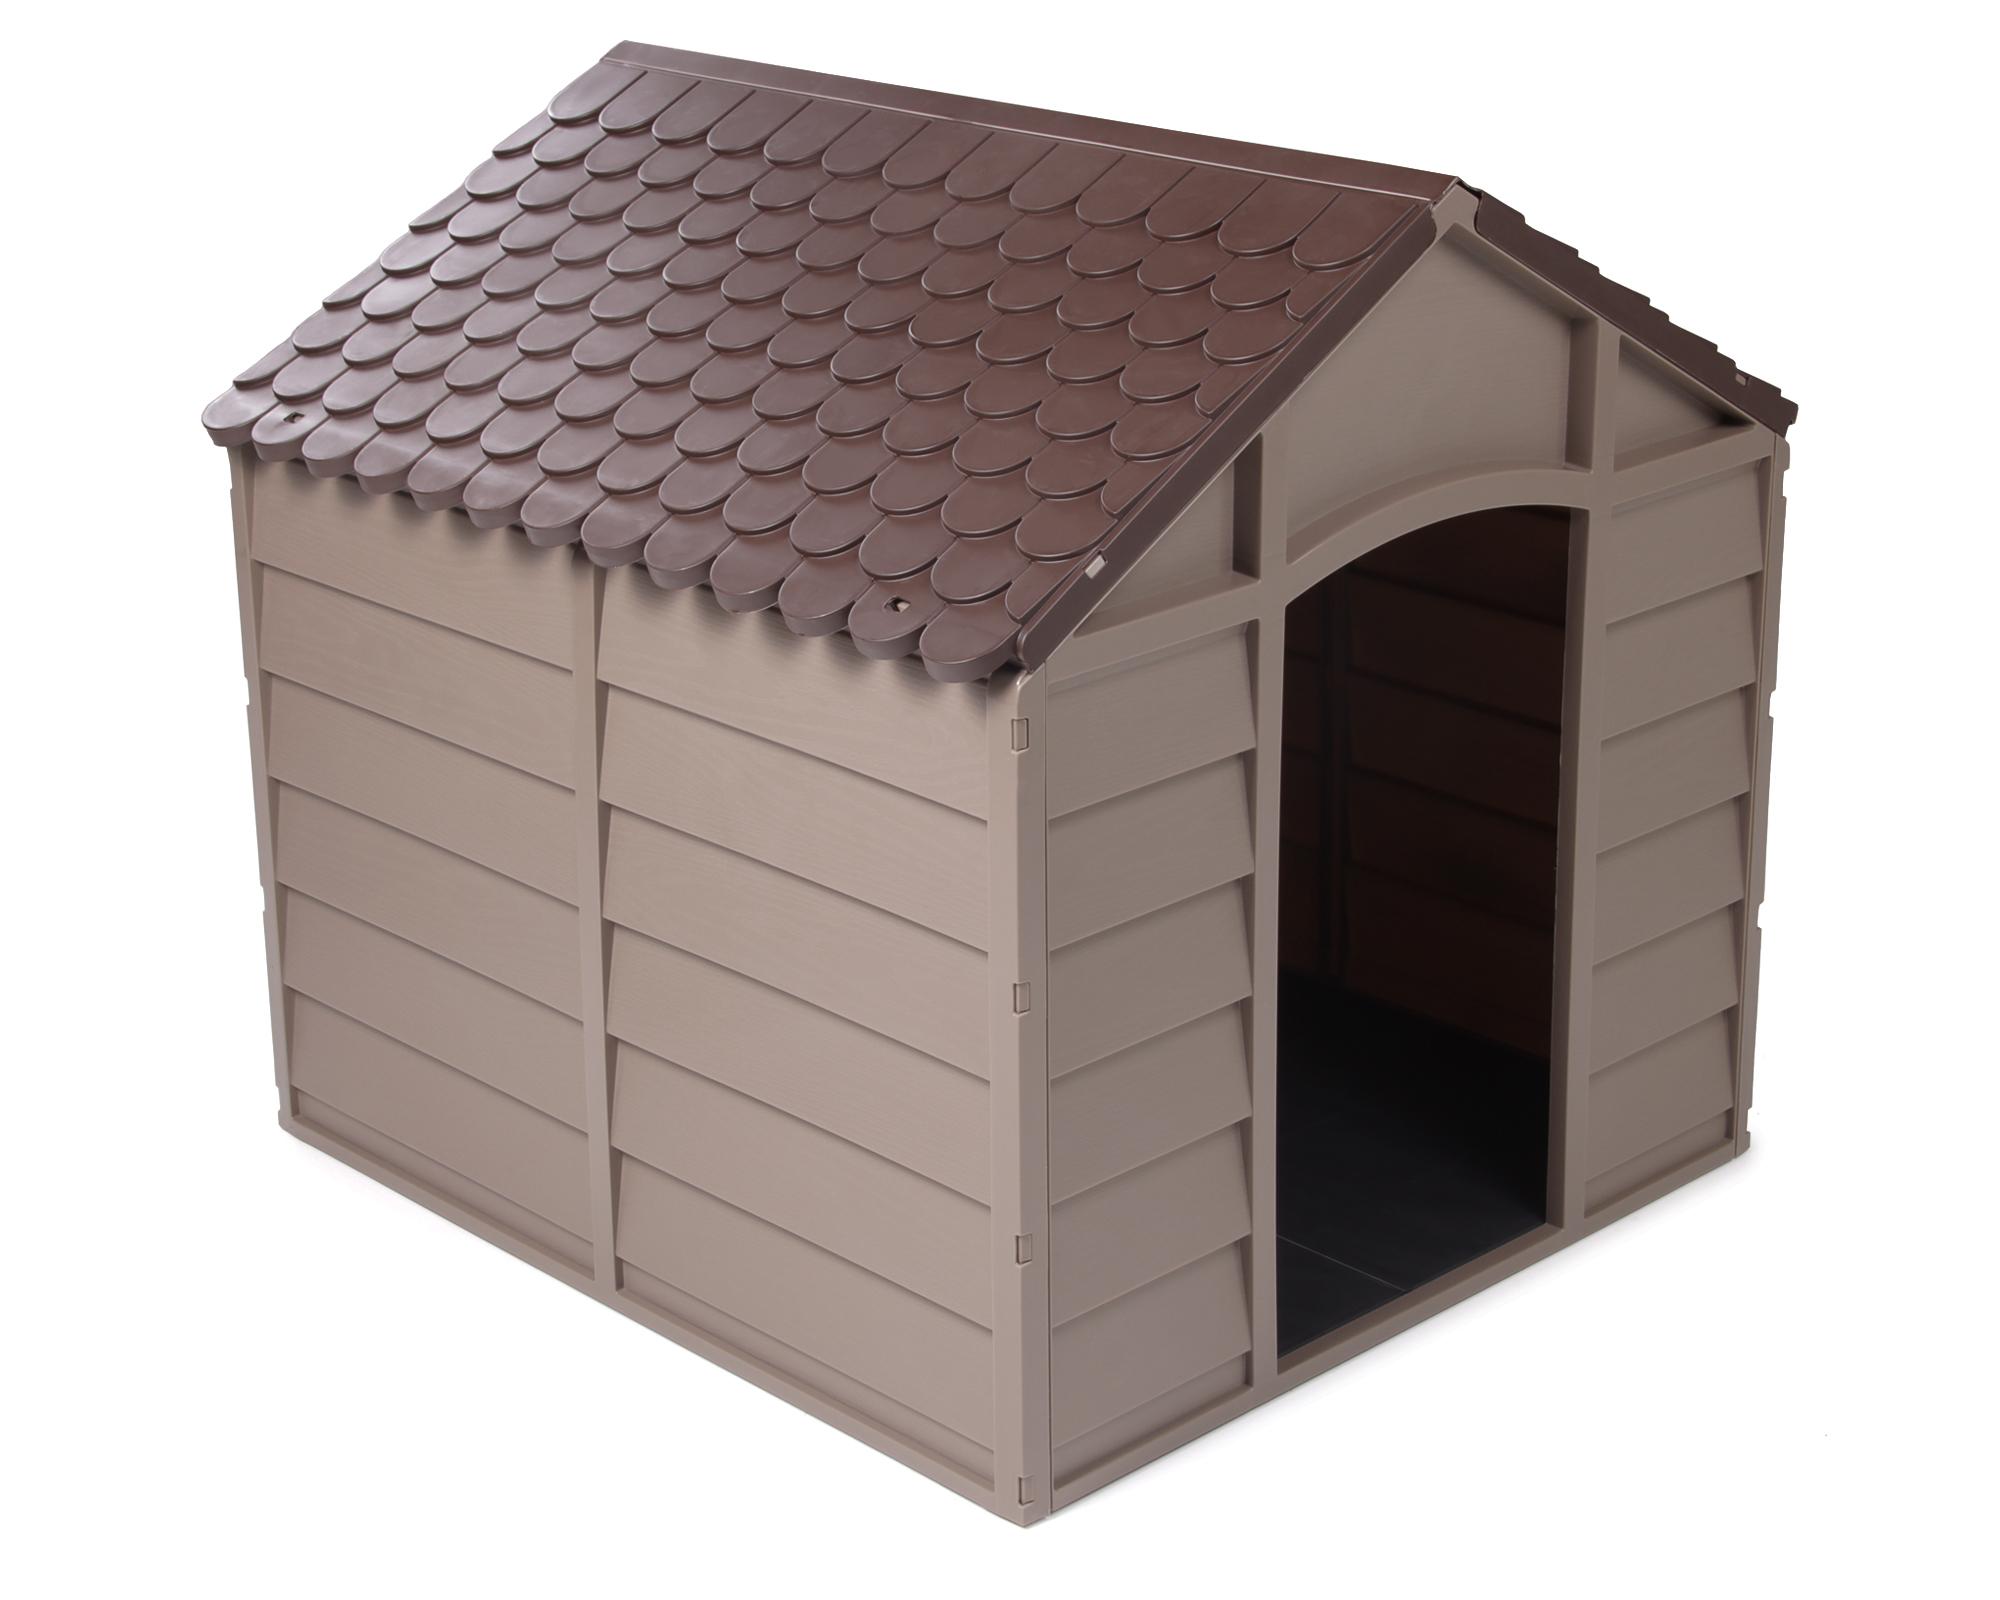 ondis24 arkadien hundeh tte aus kunststoff f r mittelgro e hunde g nstig online kaufen. Black Bedroom Furniture Sets. Home Design Ideas